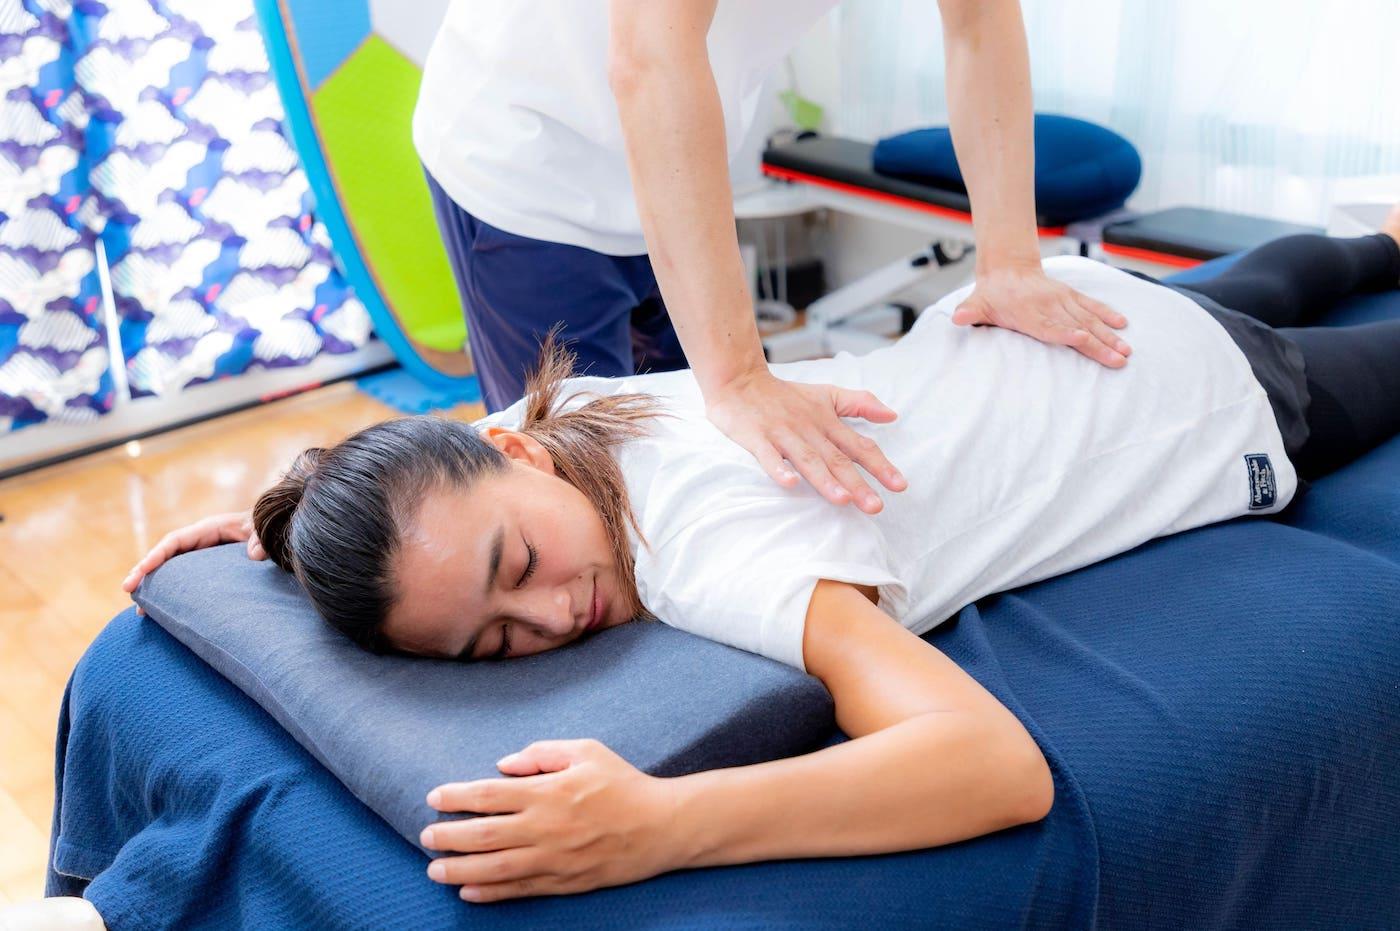 痛みや不調のある方や運動が苦手な方も安心な内容